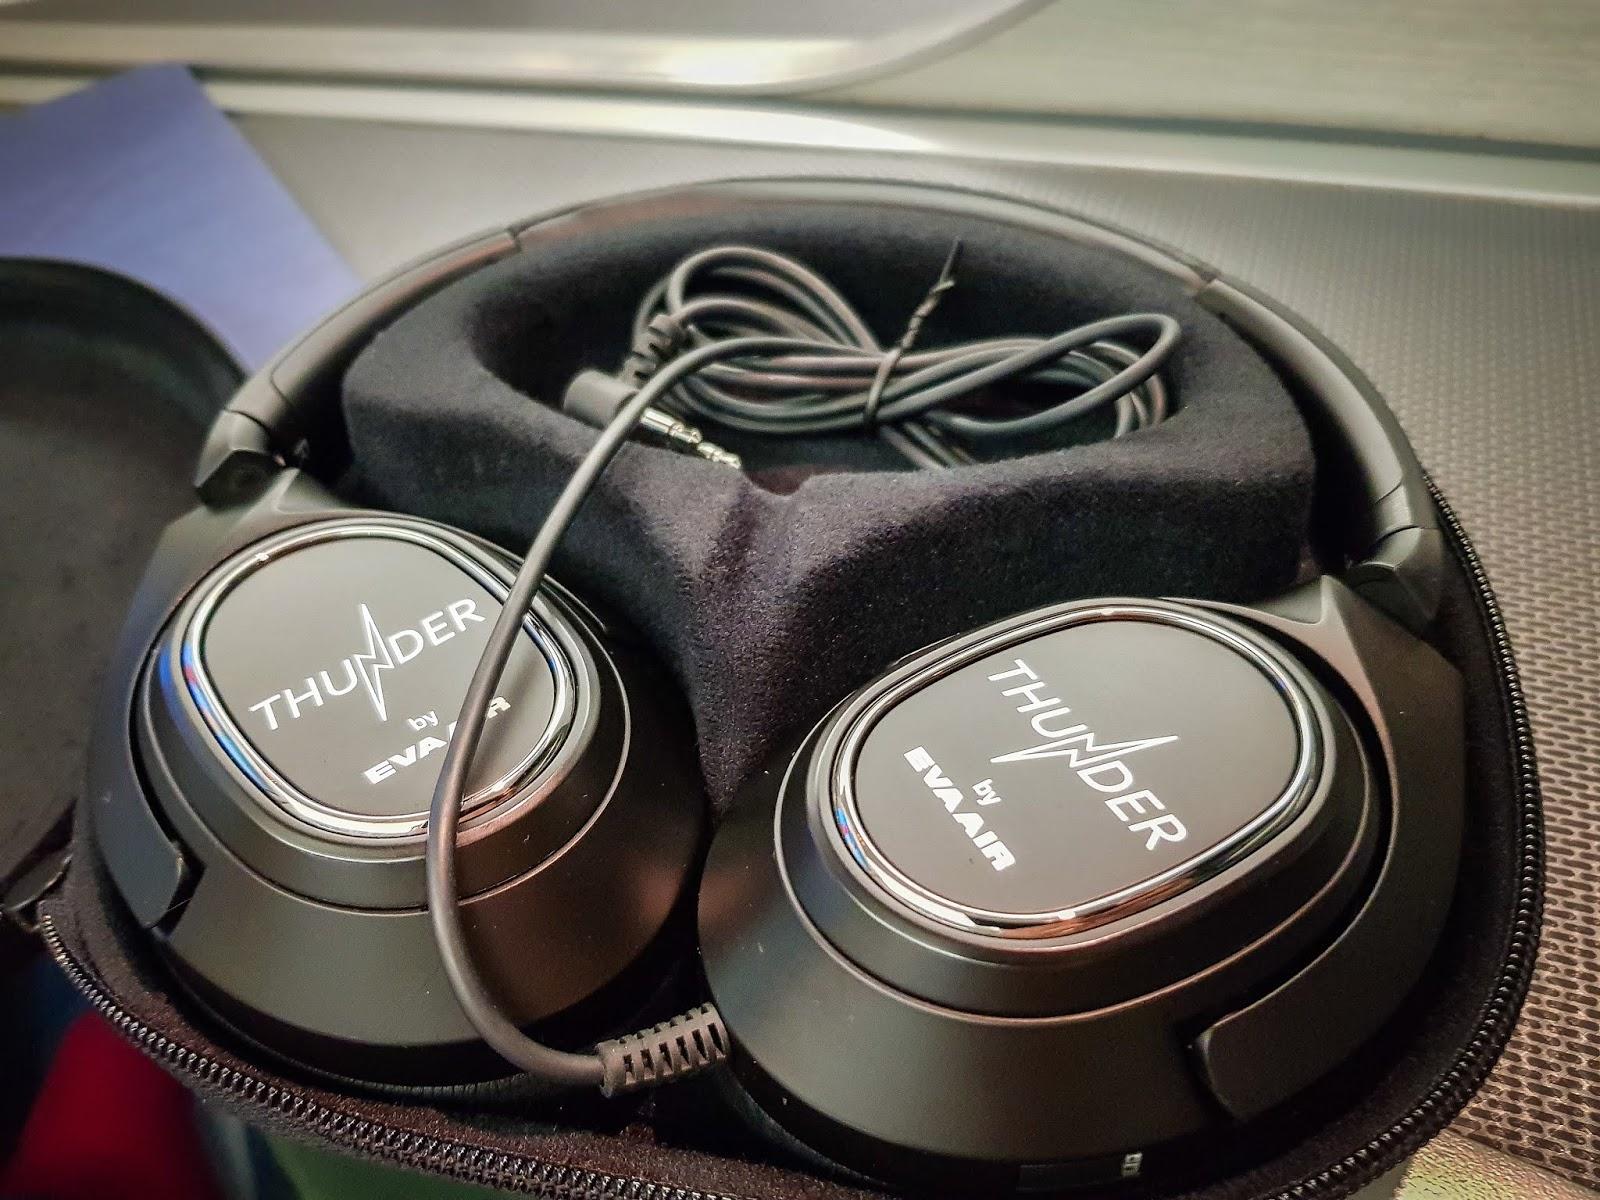 飛行|長榮航空 77W 商務艙 BR87 桃園→巴黎 TPE-CDG thunder 抗躁耳機